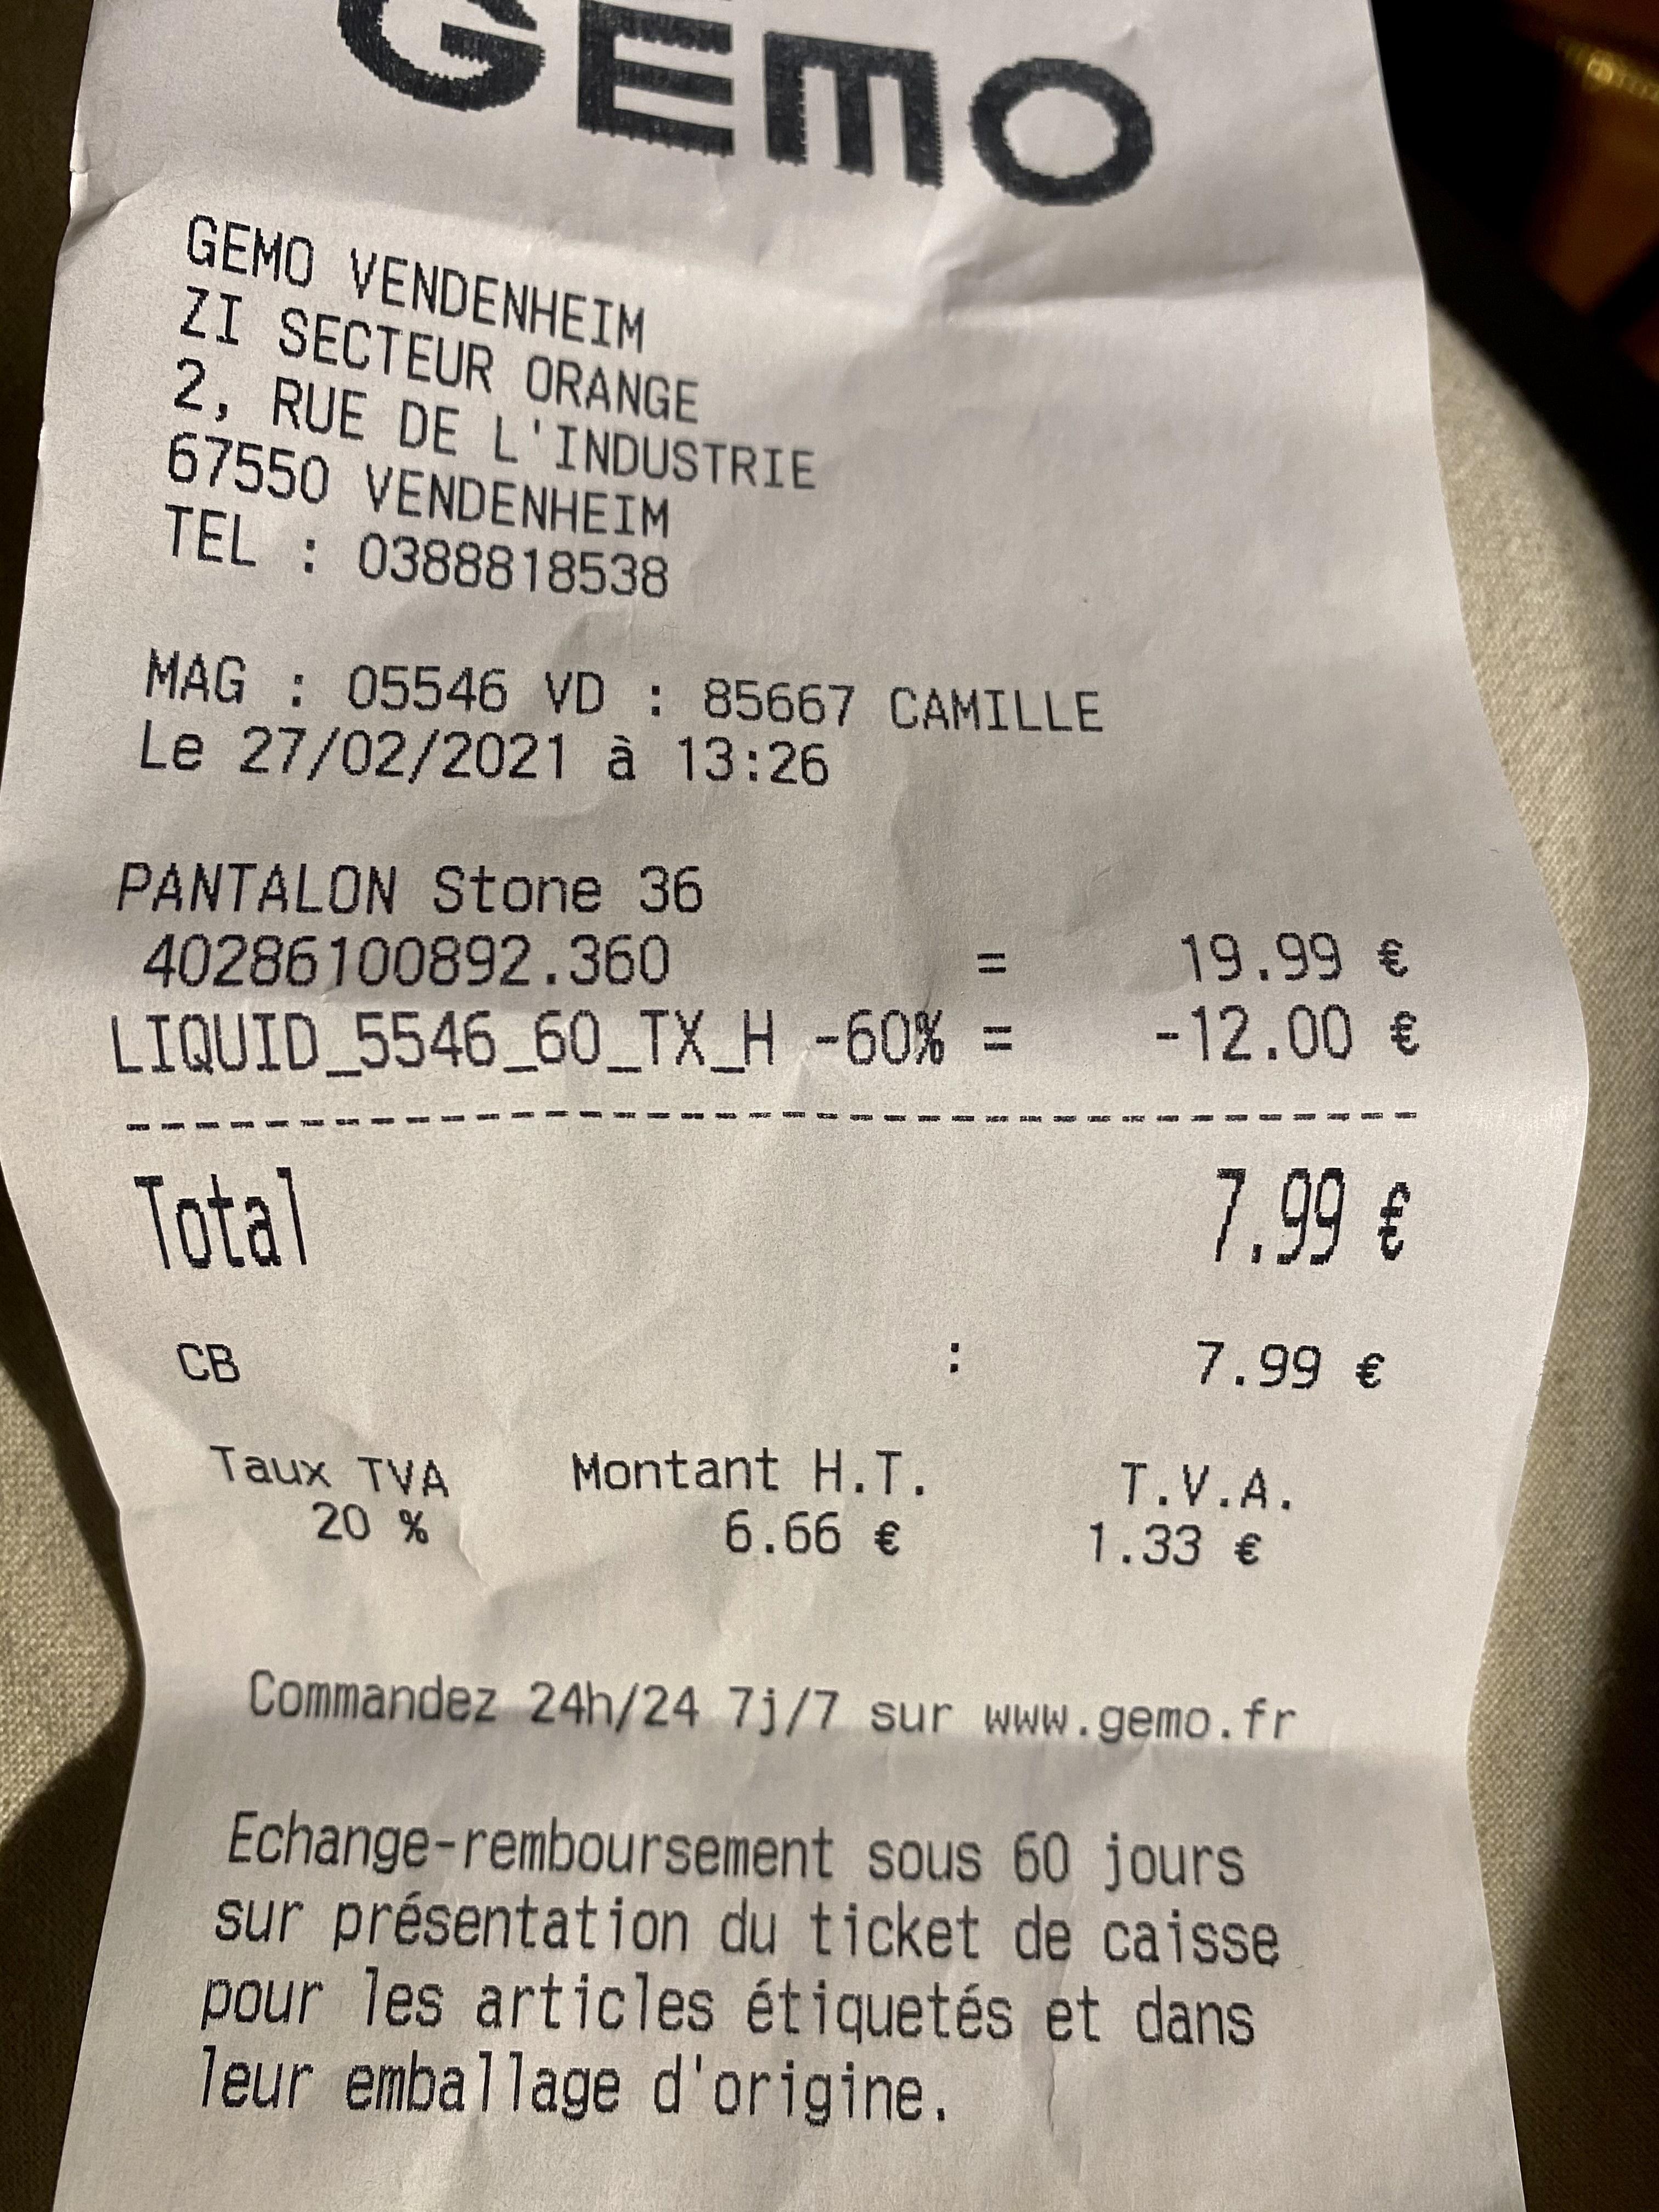 60% de réduction sur tout le magasin - Gemo vendenheim (67)